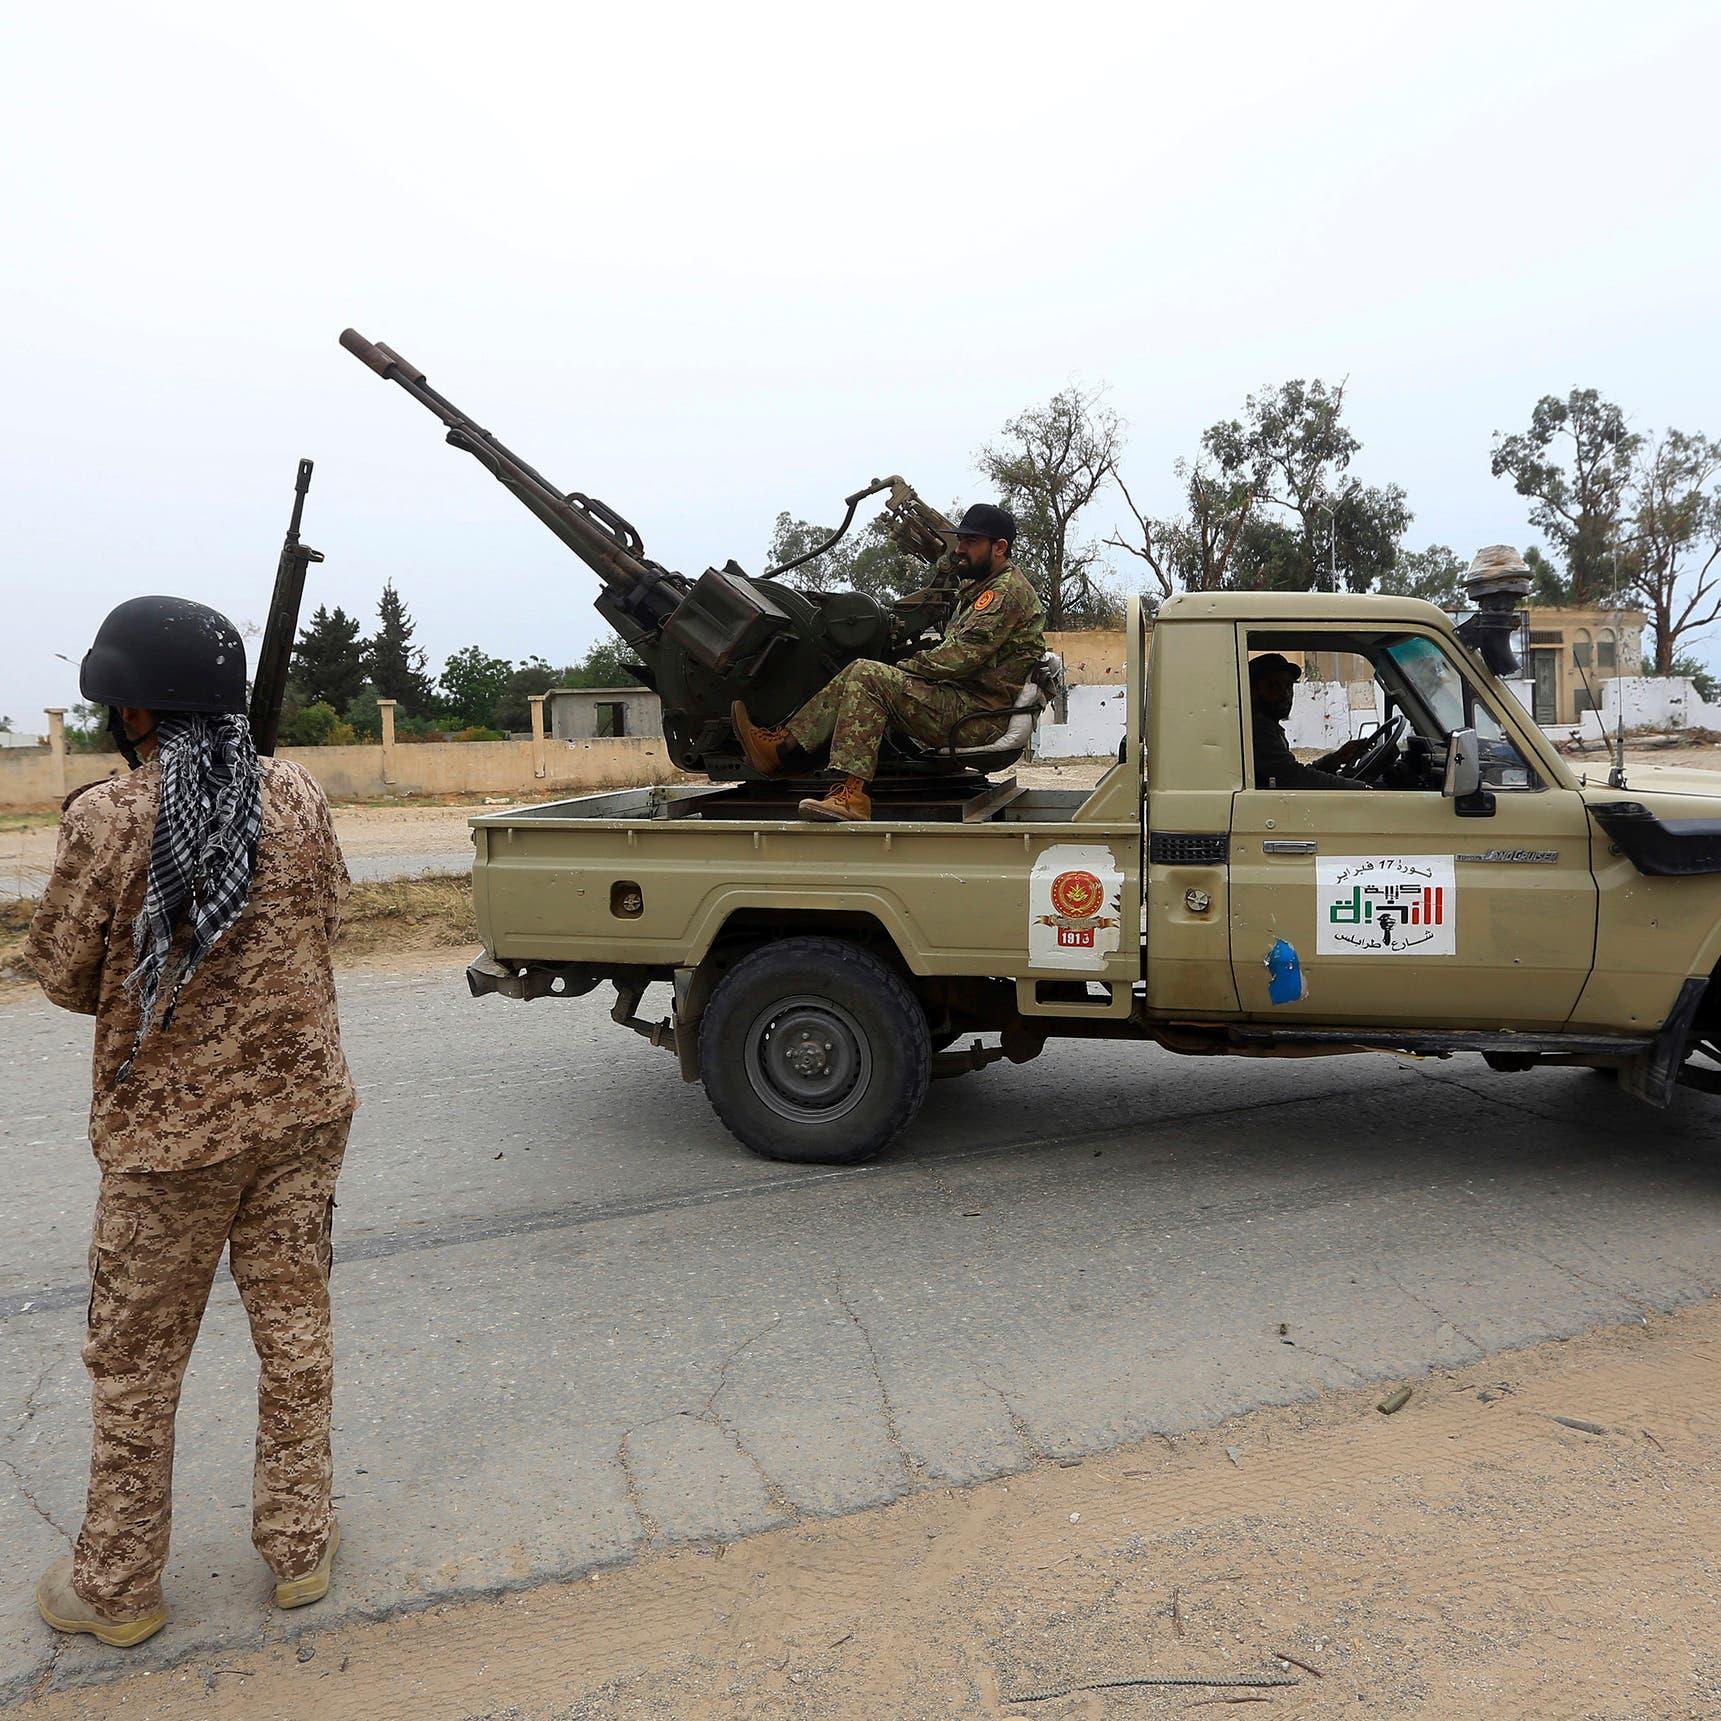 توتر أمني في ليبيا.. أكبر ميليشيات طرابلس تتقاتل على النفوذ